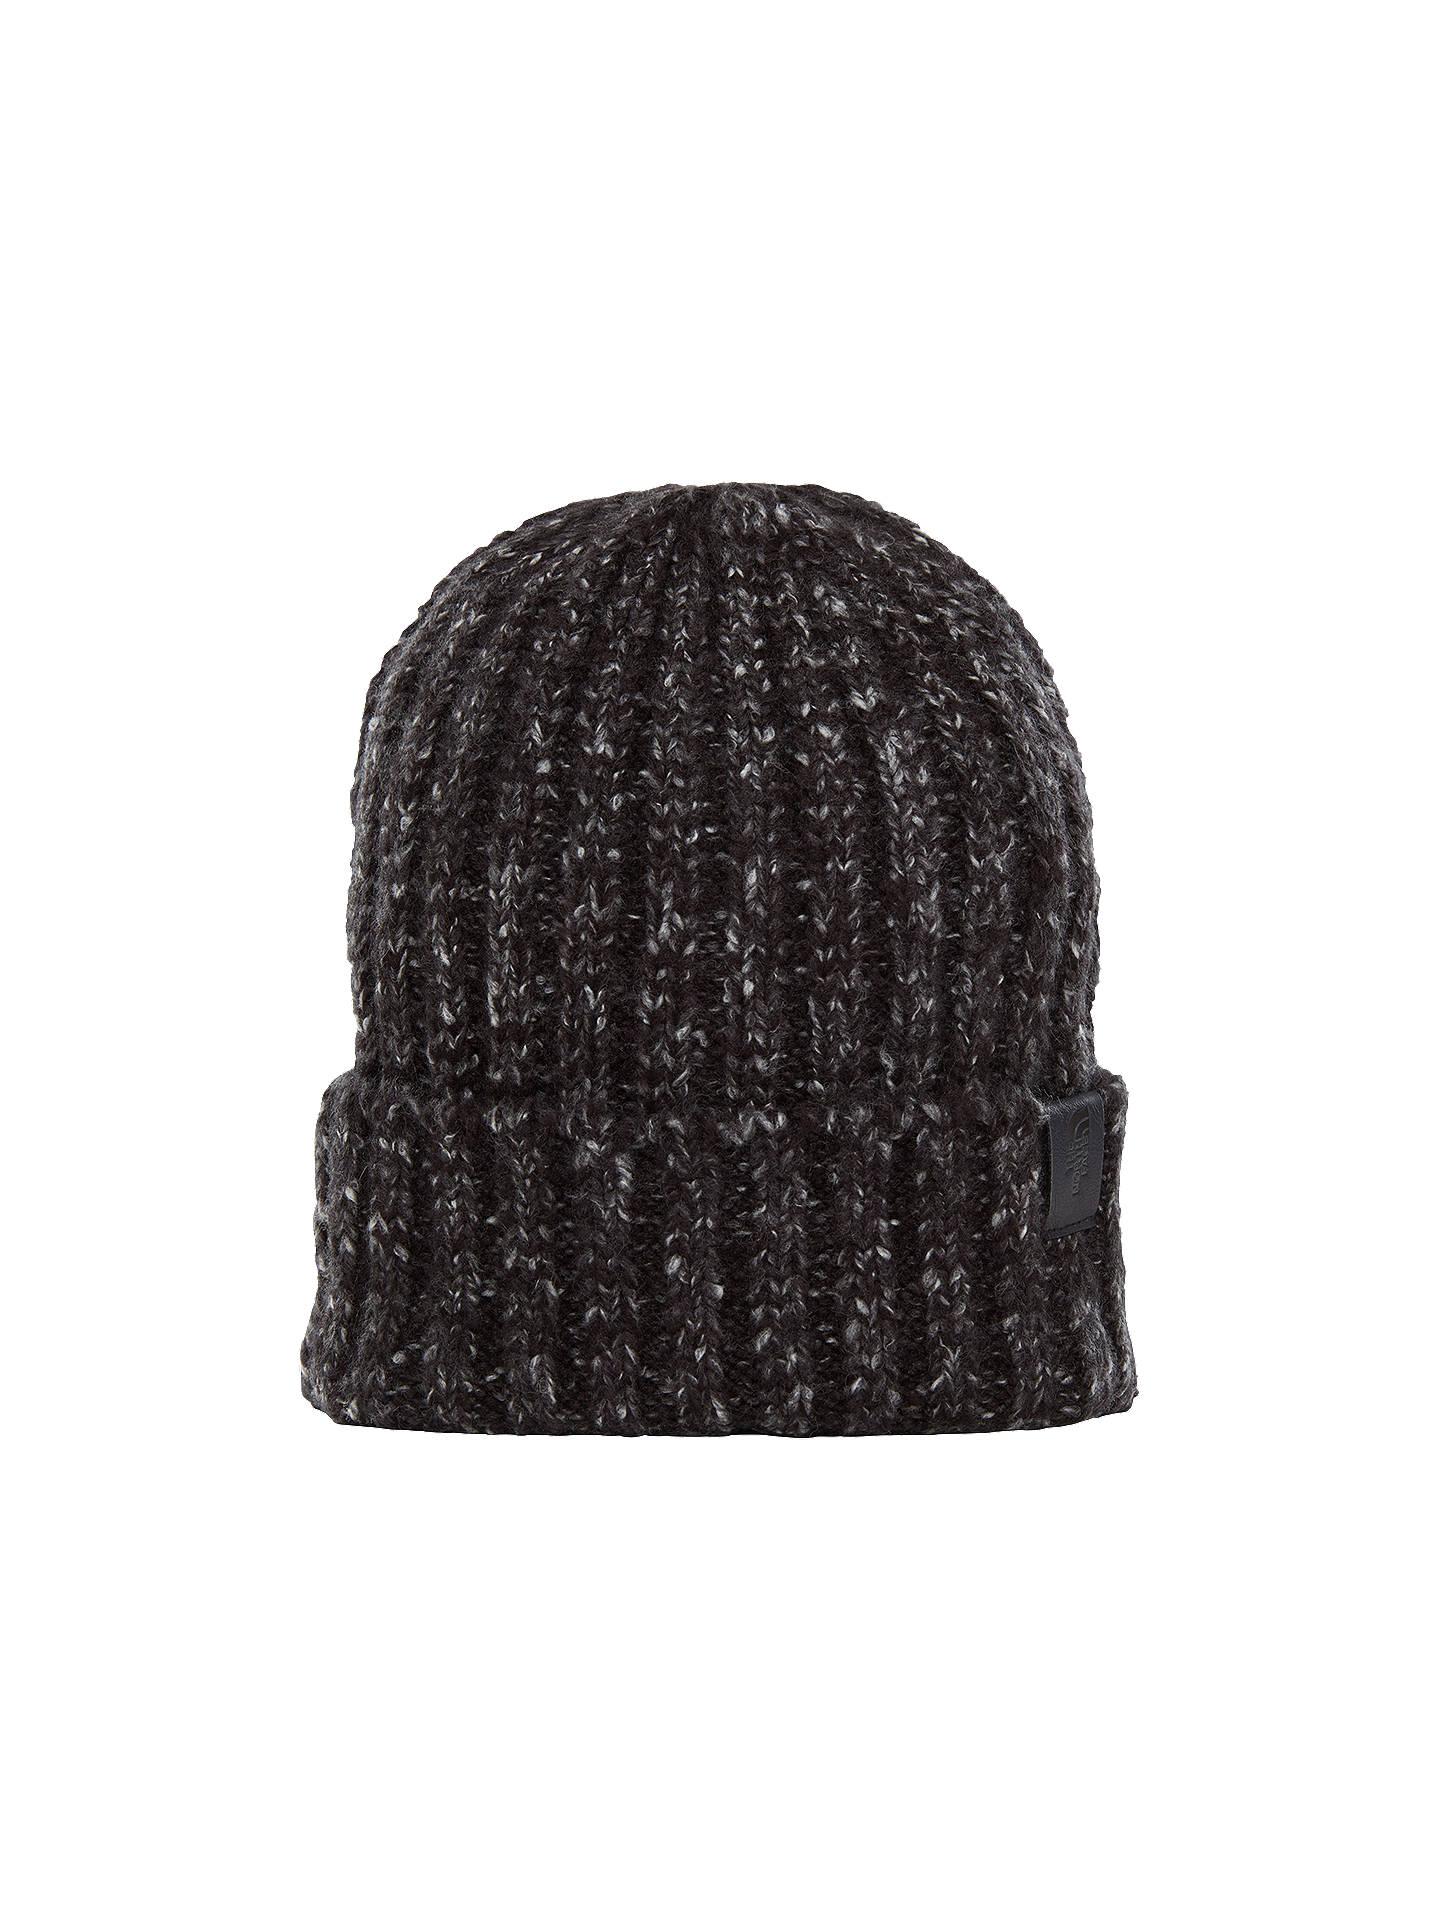 BuyThe North Face Chunky Rib Beanie 16402379816